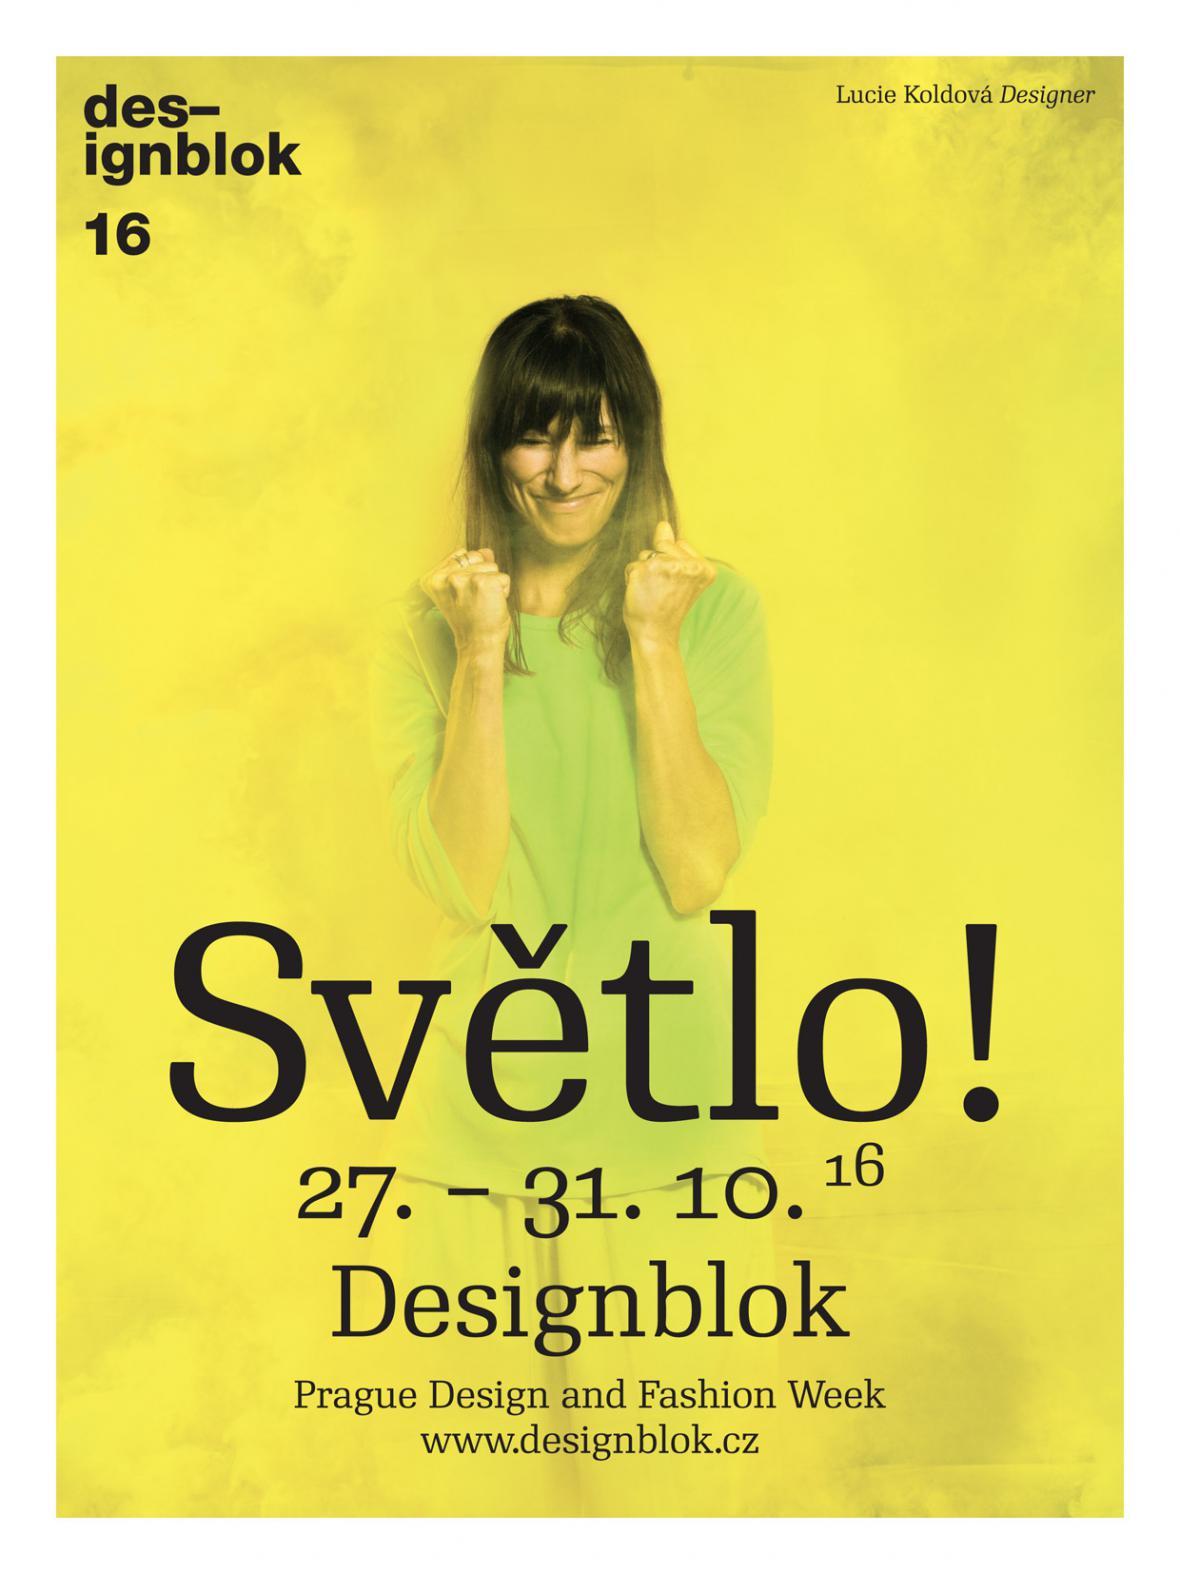 Designblok / Lucie Koldová